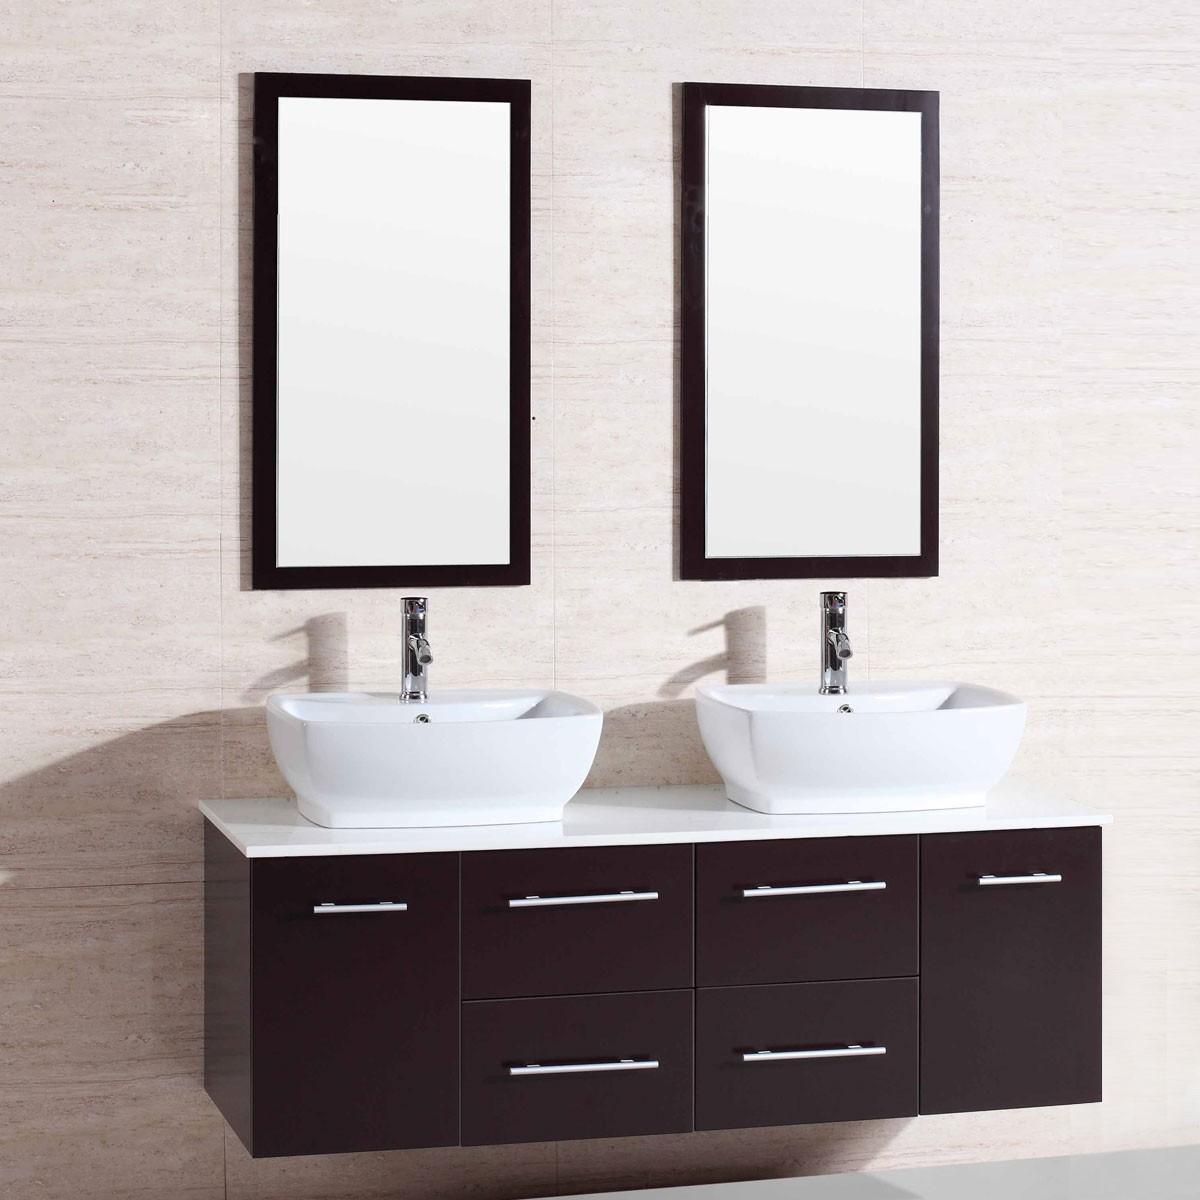 60 po meuble salle de bain suspendu au mur lavabo double avec miroirs dk - Lavabo Double Salle De Bain